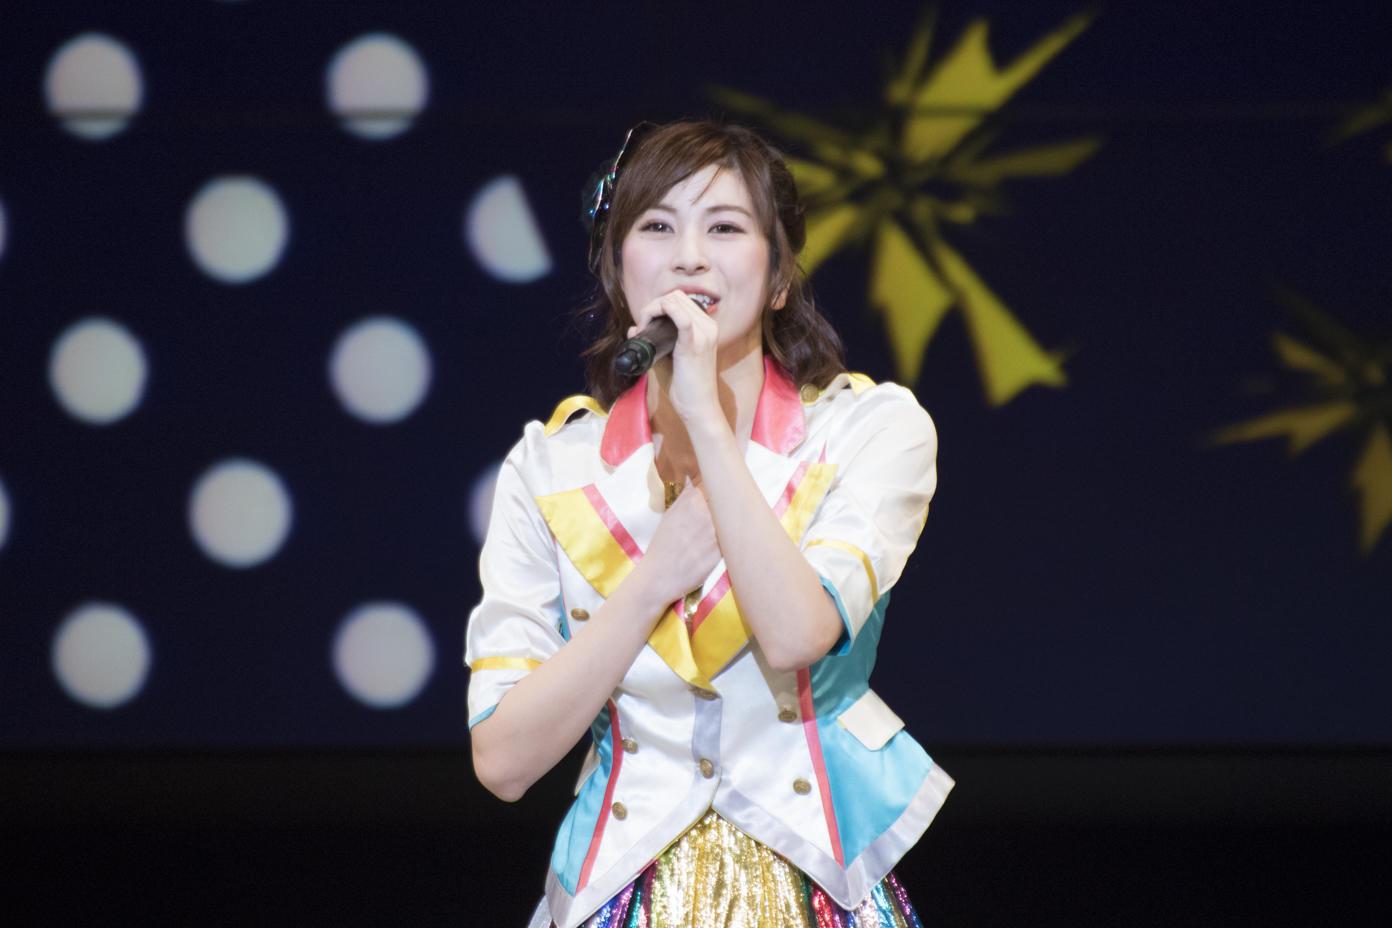 http://news.yoshimoto.co.jp/20161228143658-d43fcd099b7ce8dde27cdb8ee9ccf4b00f311c02.jpg